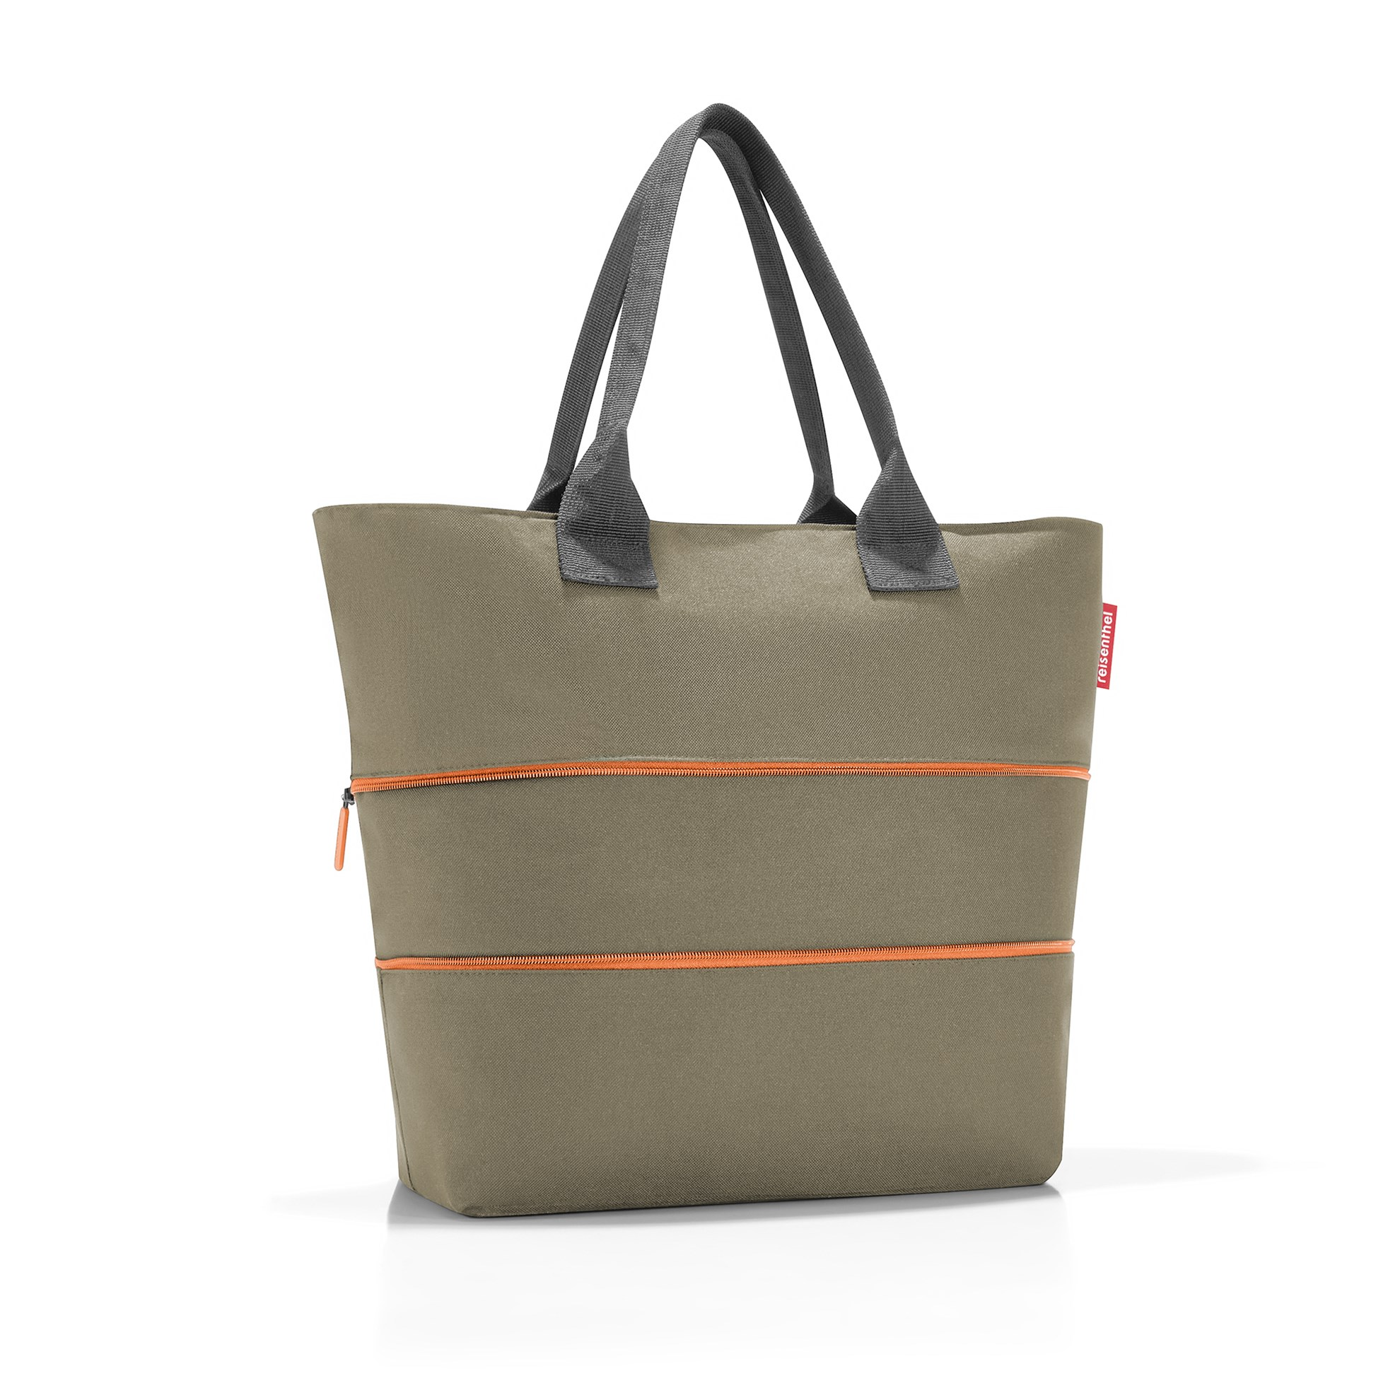 Chytrá taška přes rameno Shopper e1 olive green_1